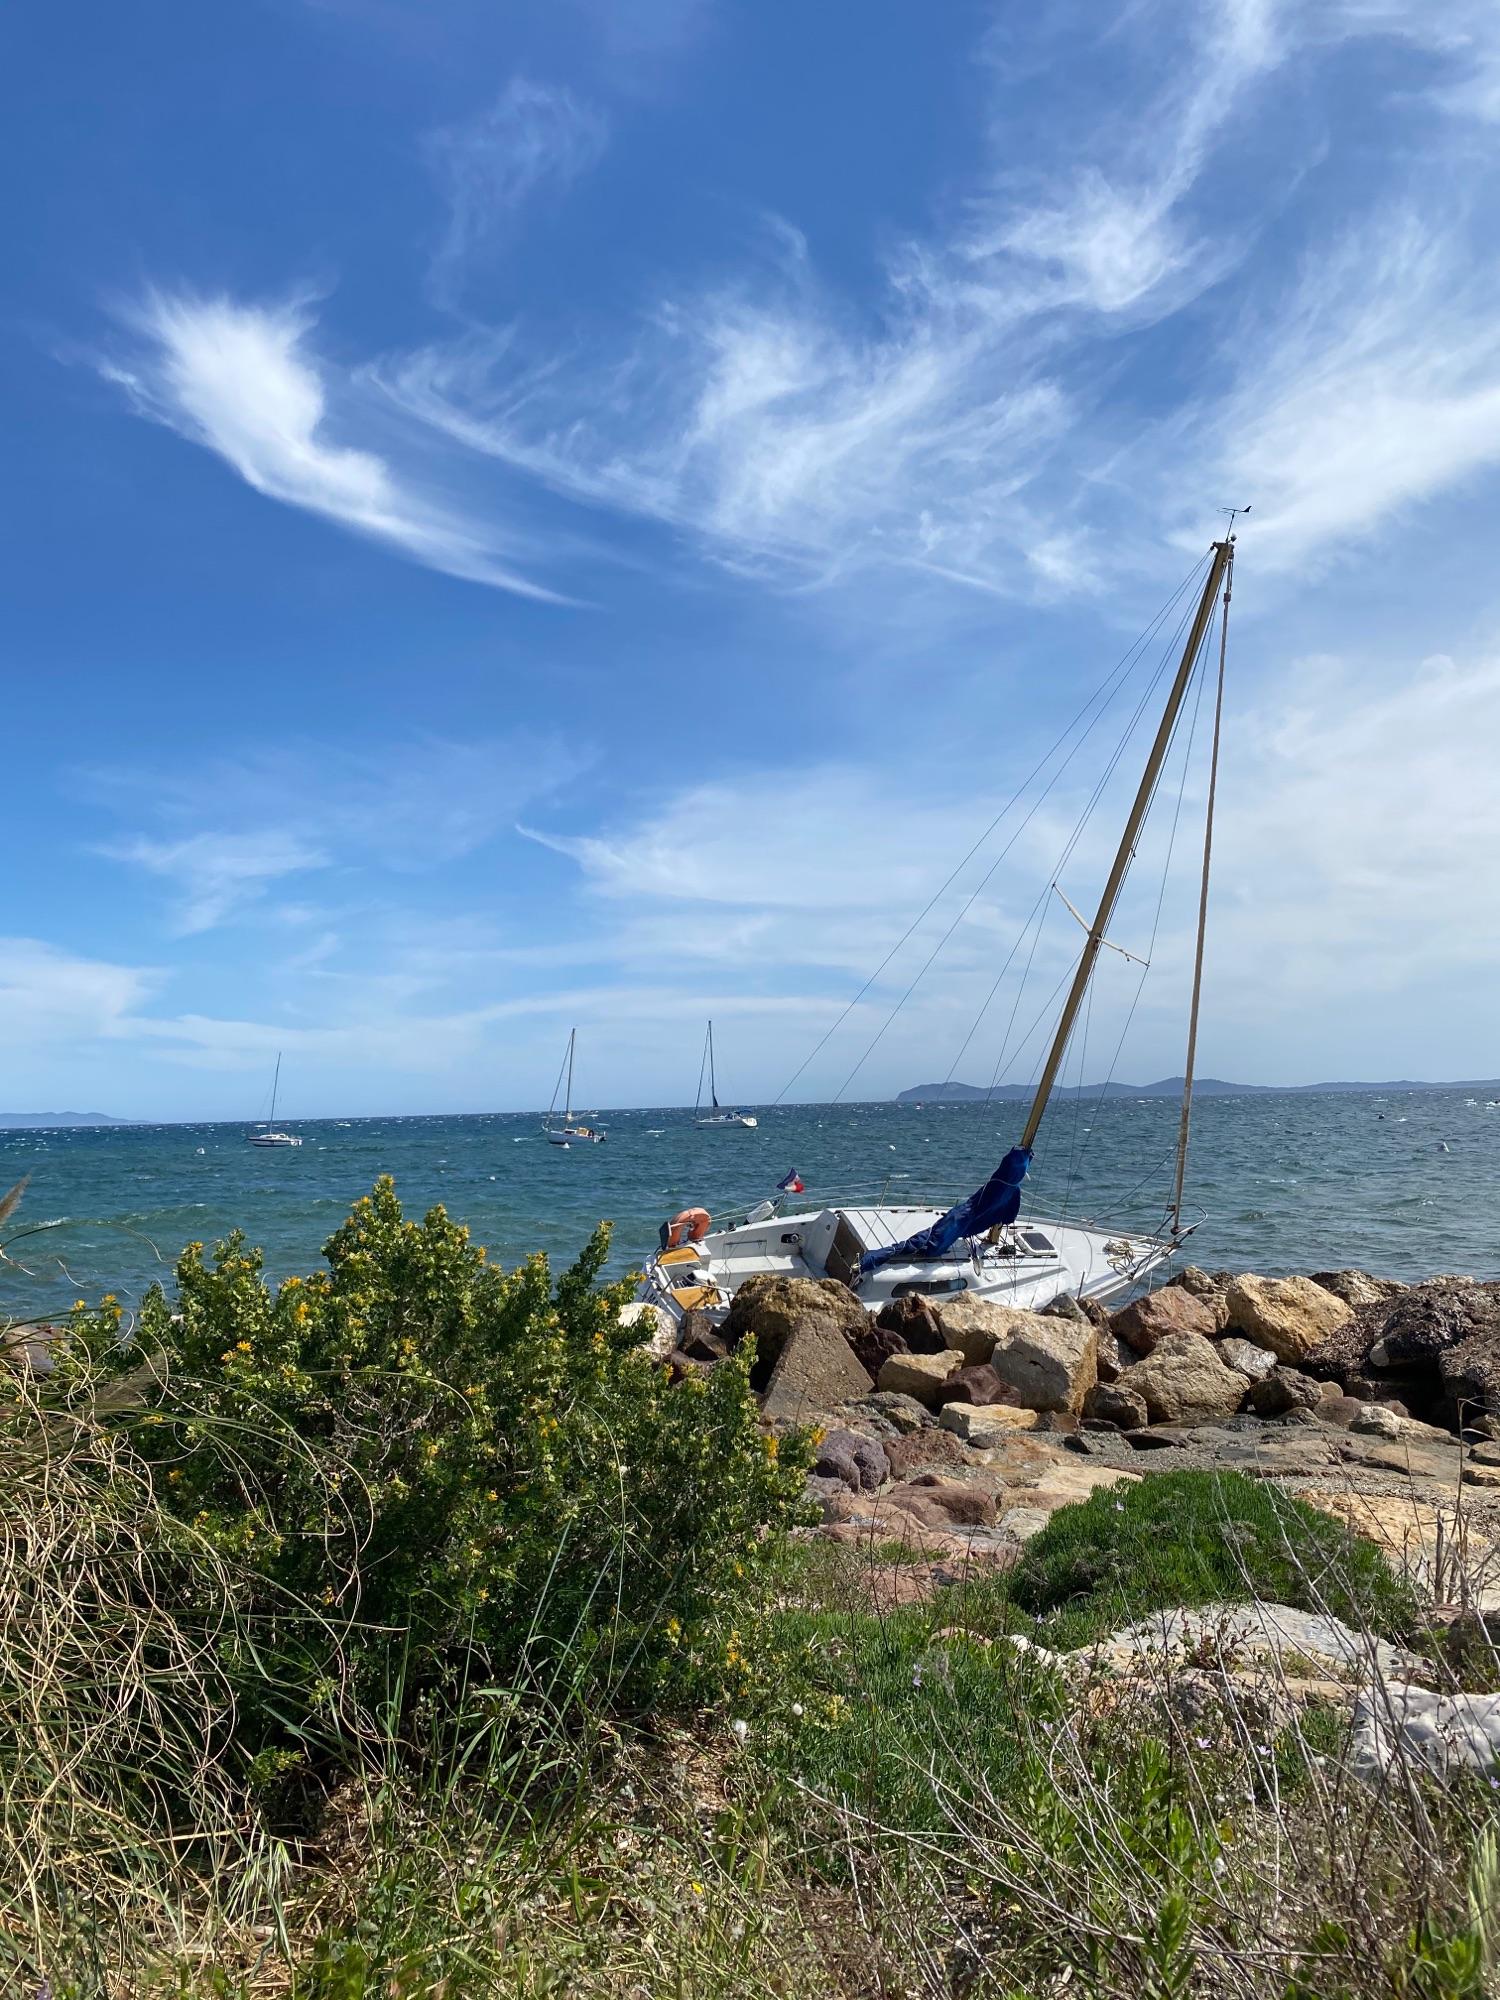 Катастрофа -  сильный ветер сегодня, и яхту сорвало с якоря и побило о берег.,,